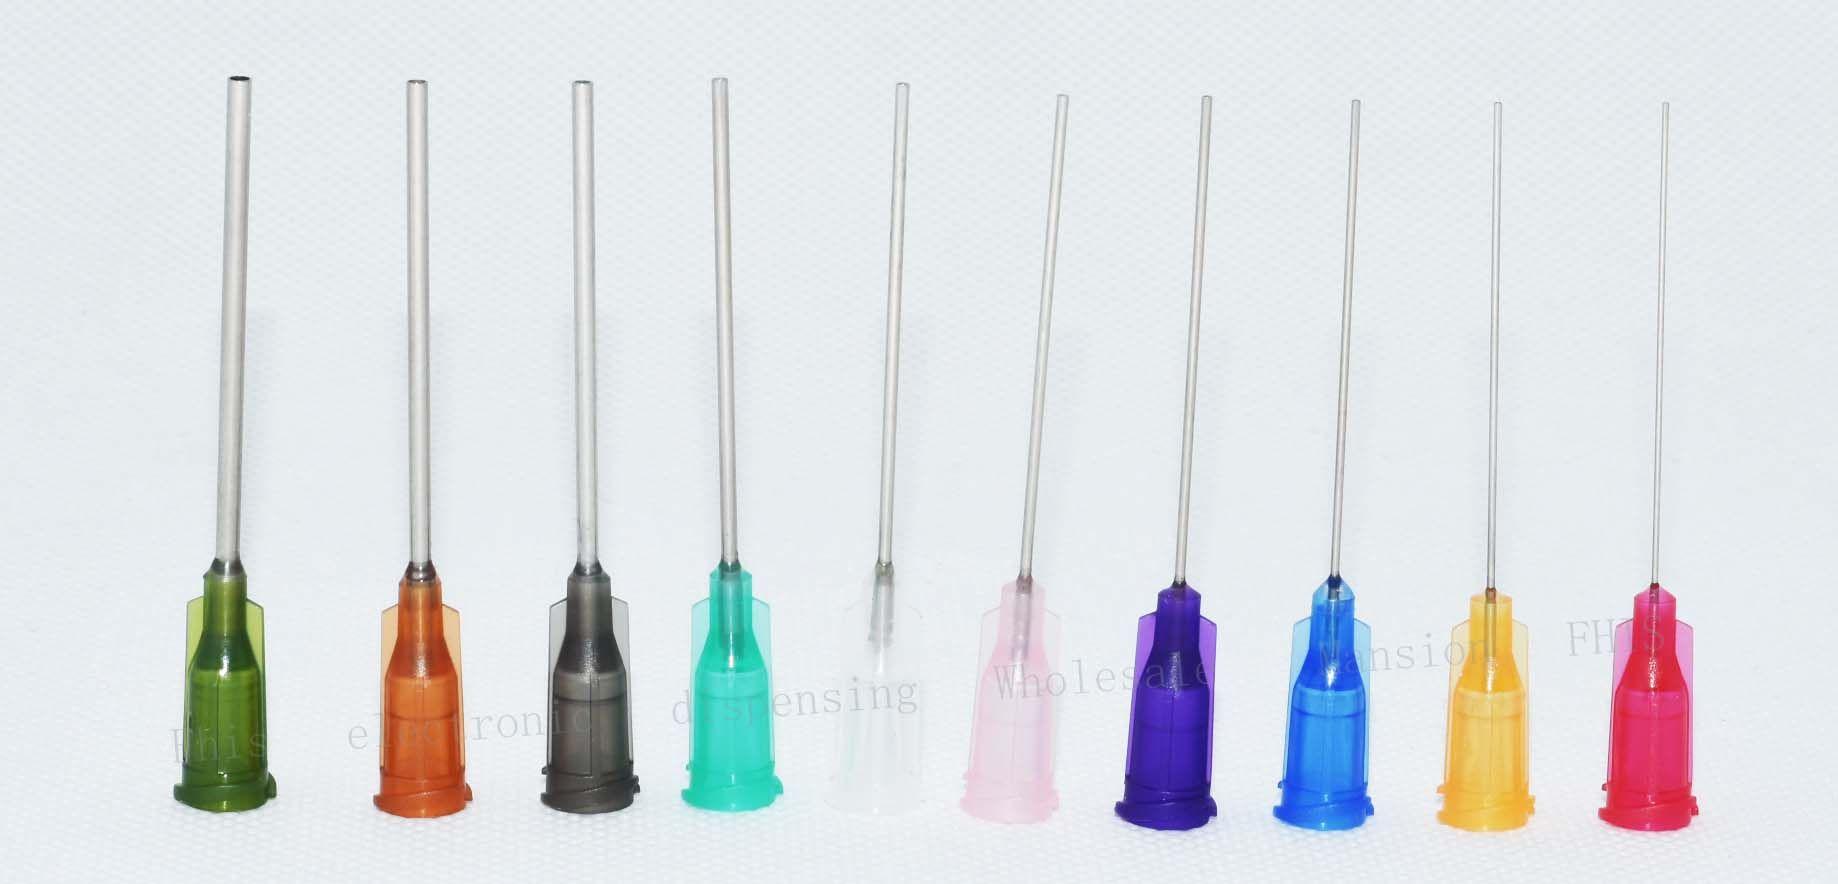 Großhandel 14G-27G W / ISO-Standard Dosiernadeln PP Luer-Lock-Nabe 1,5-Zoll- Rohrlänge Präzision S.S. Dispense stumpfen Spitzen